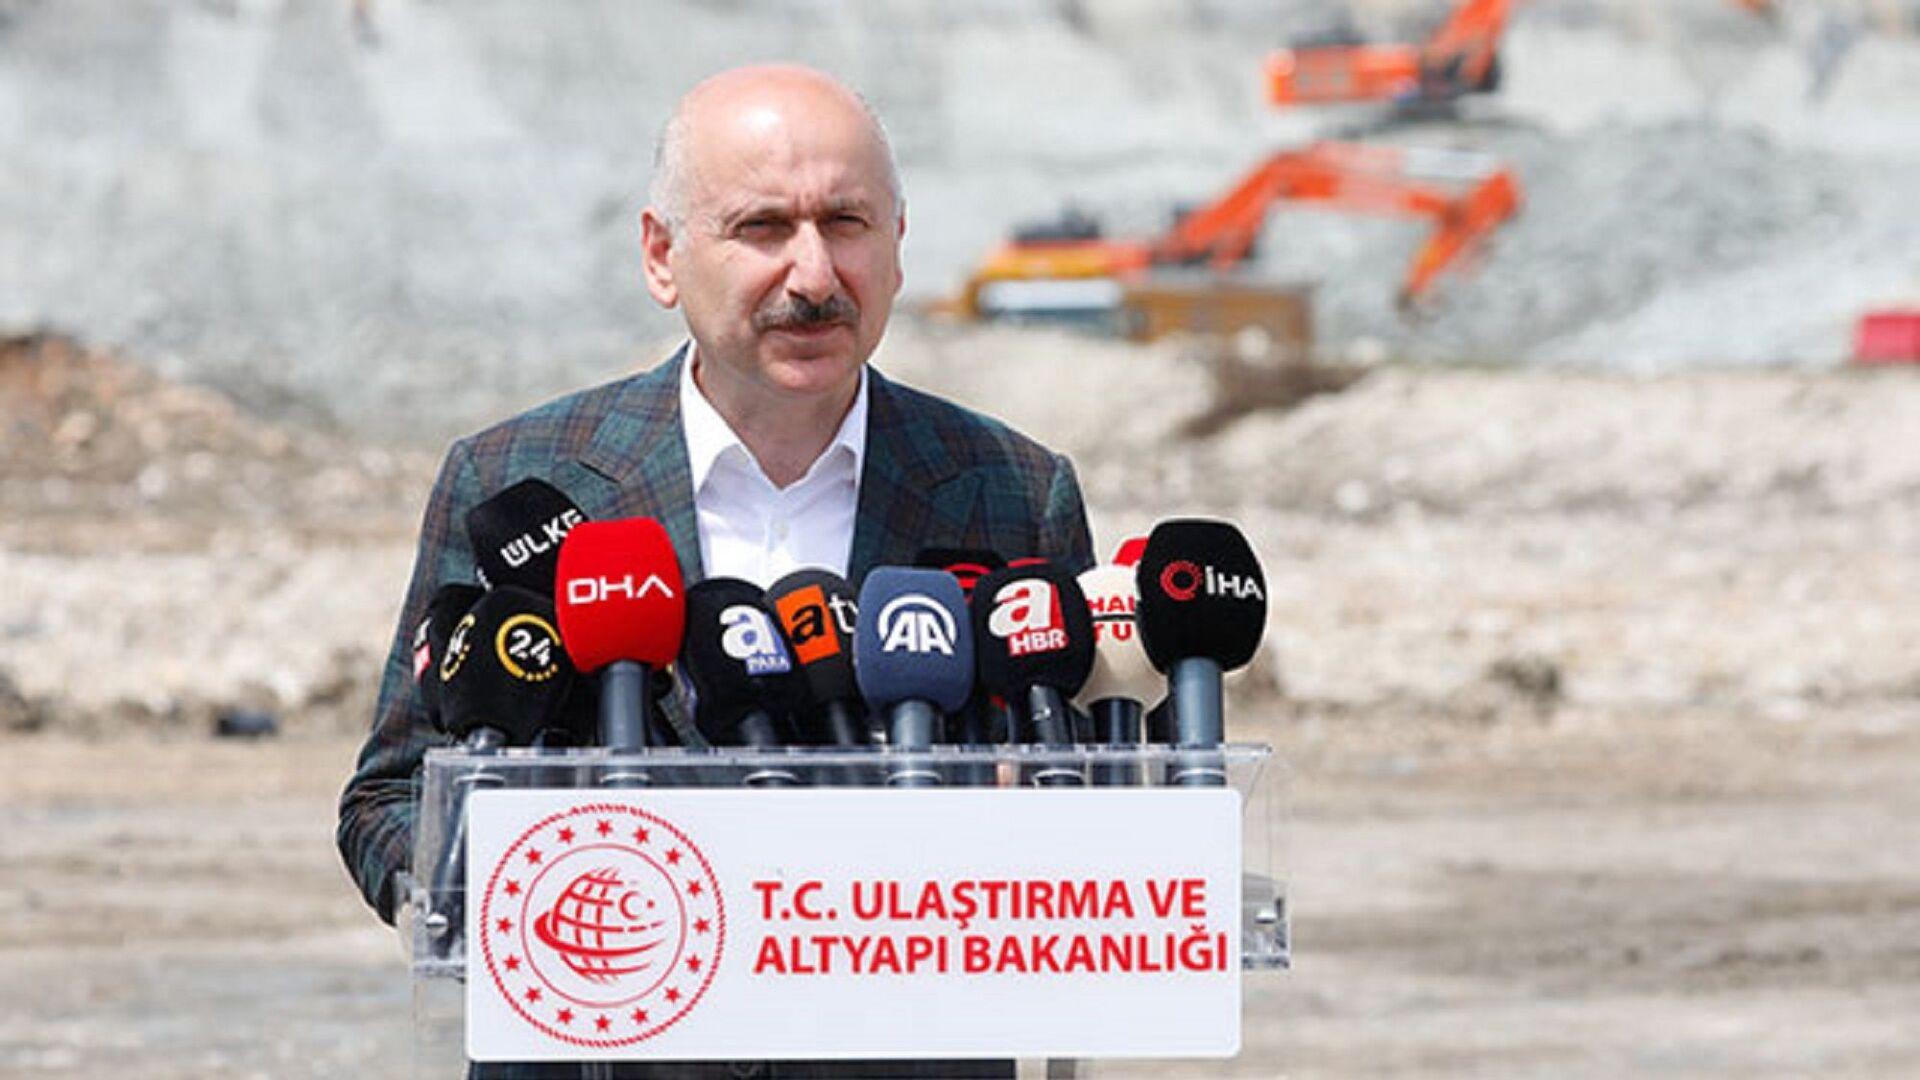 Ulaştırma ve Altyapı Bakanı Adil Karaismailoğlu - Sputnik Türkiye, 1920, 03.07.2021